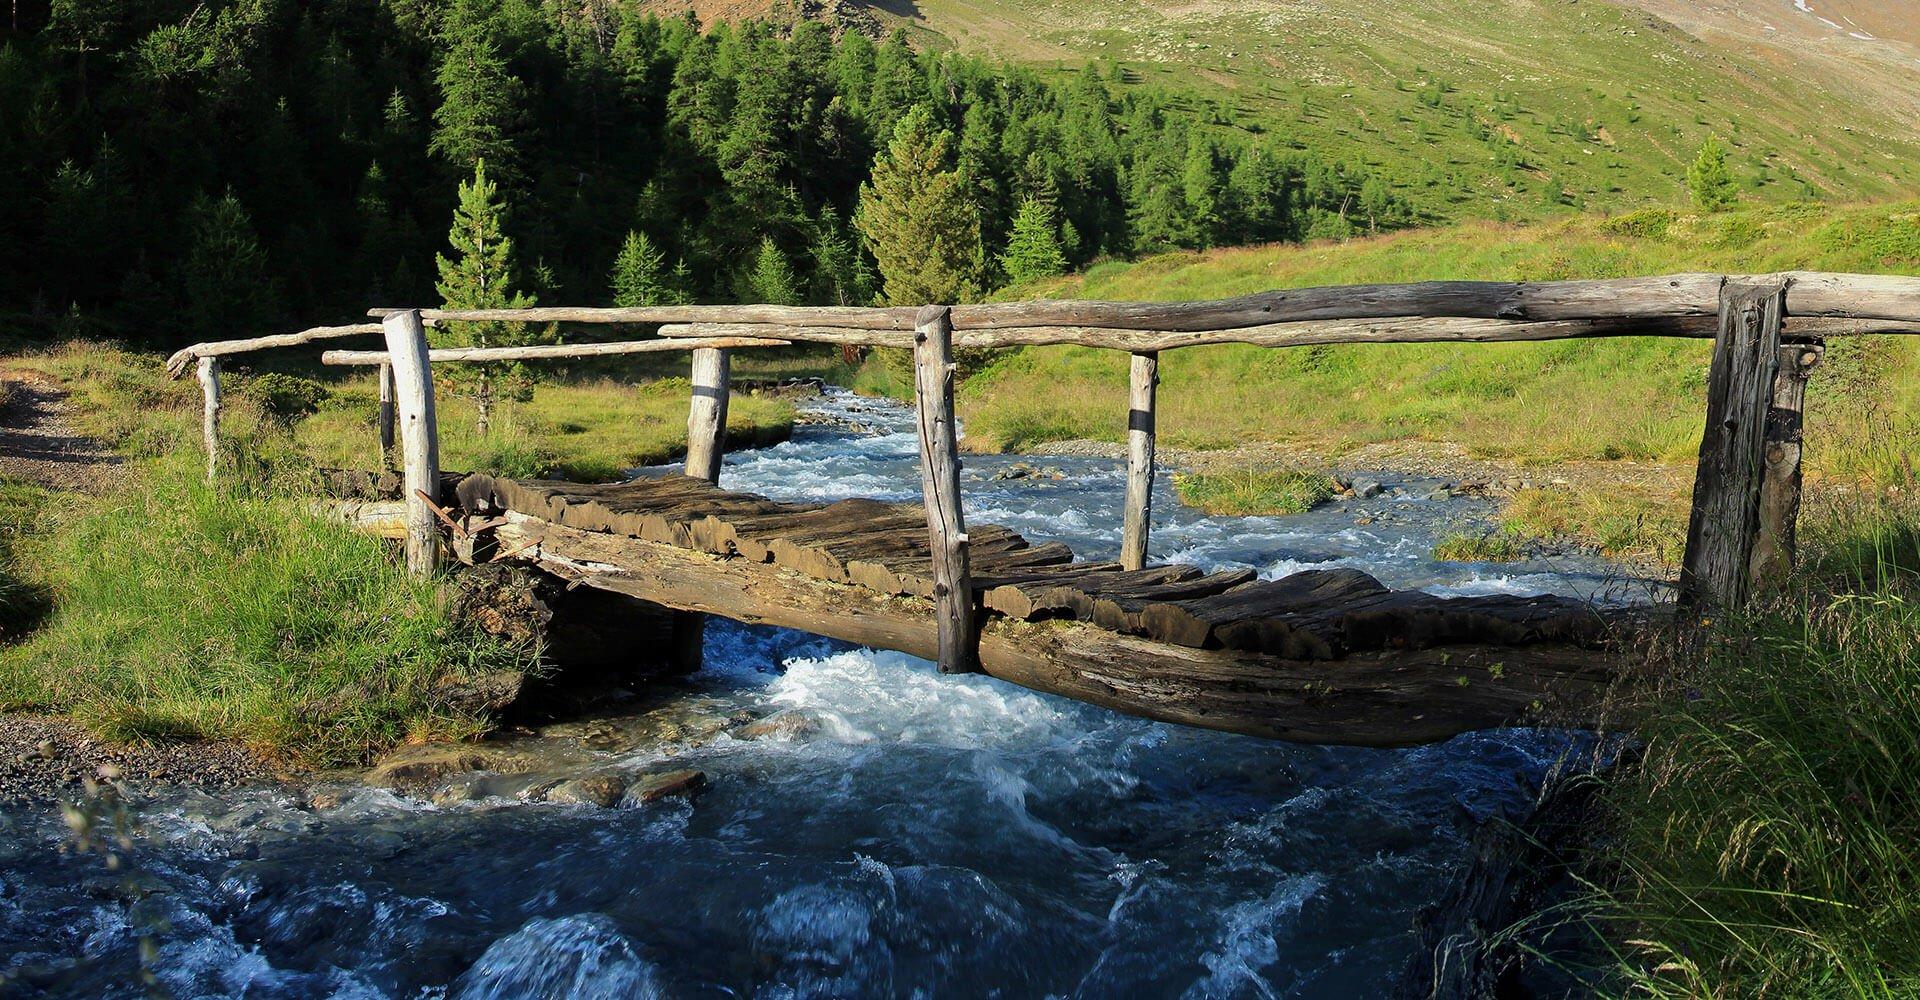 Sommerurlaub in Lüsen - Wanderungen auf der Lüsner Alm